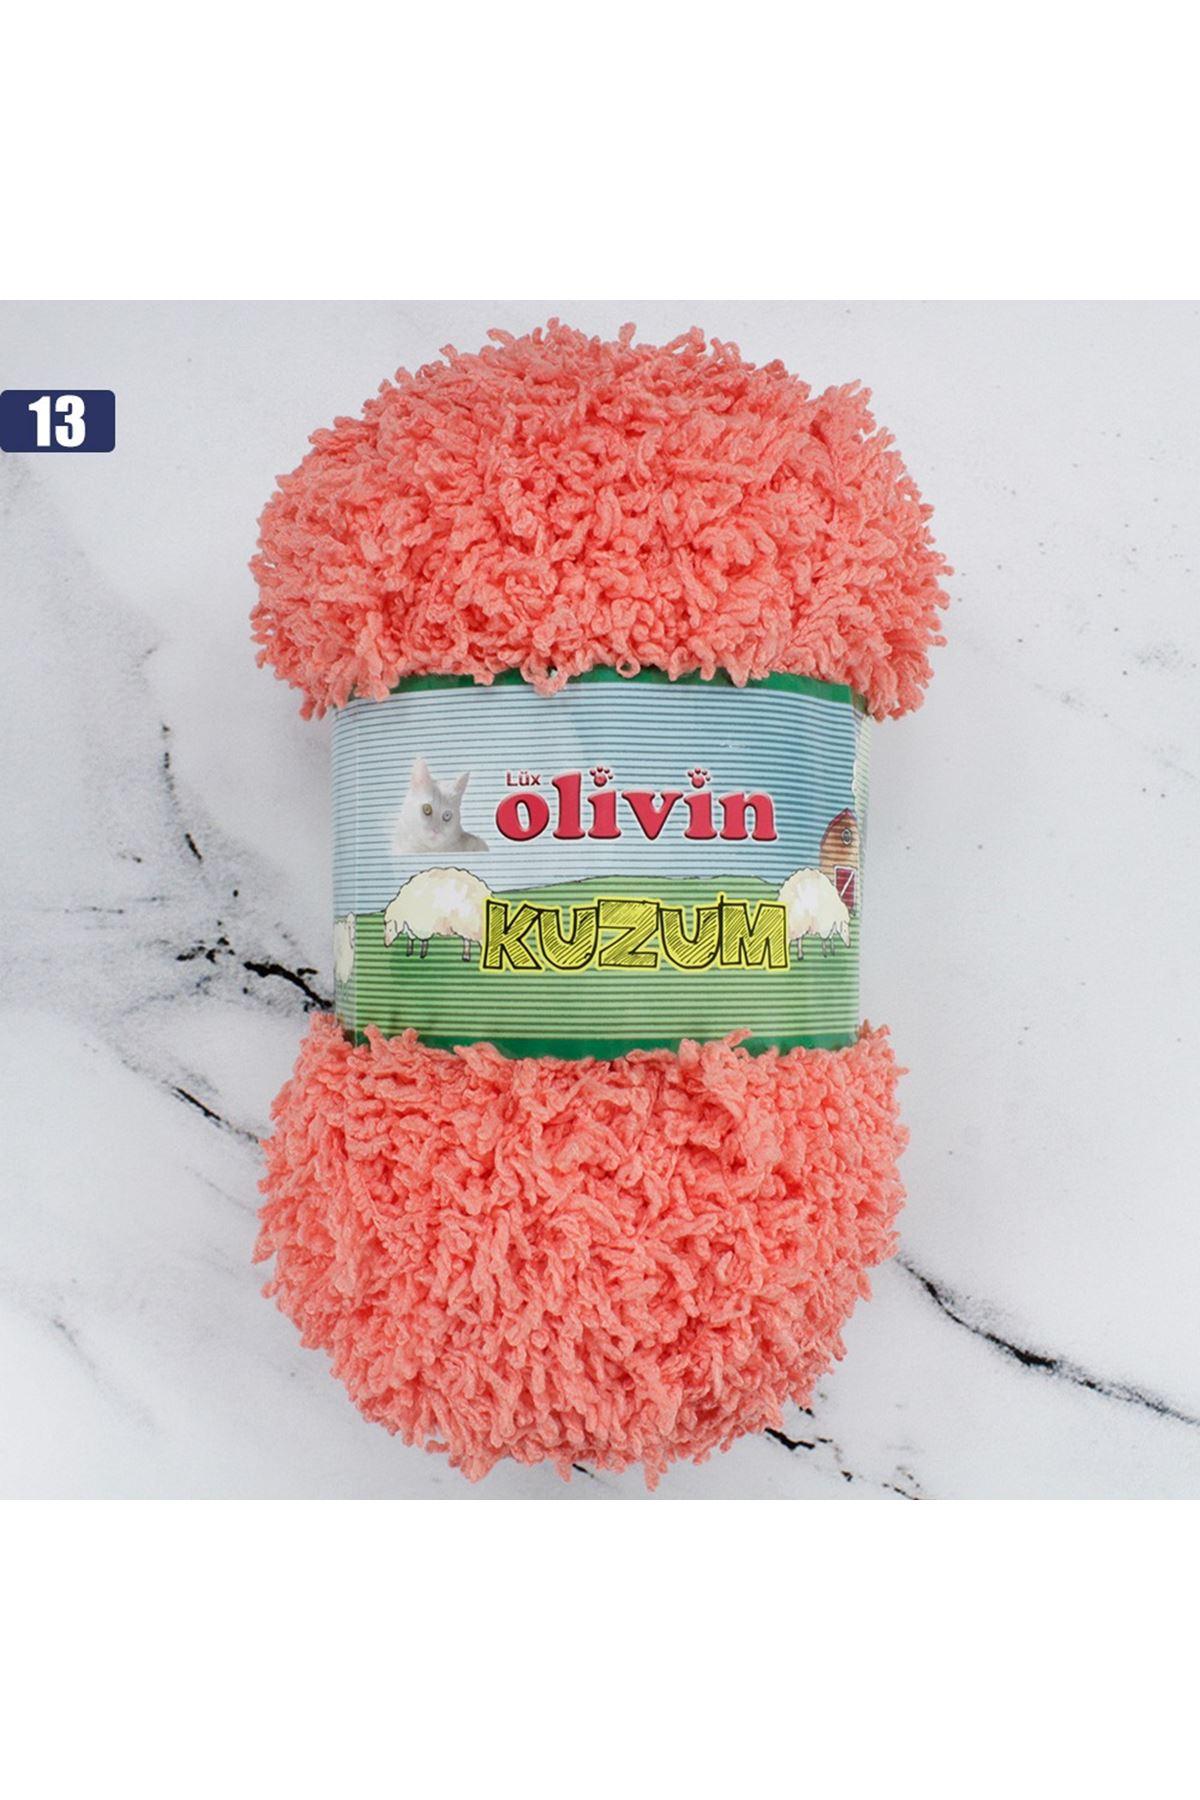 Olivin Kuzum 13